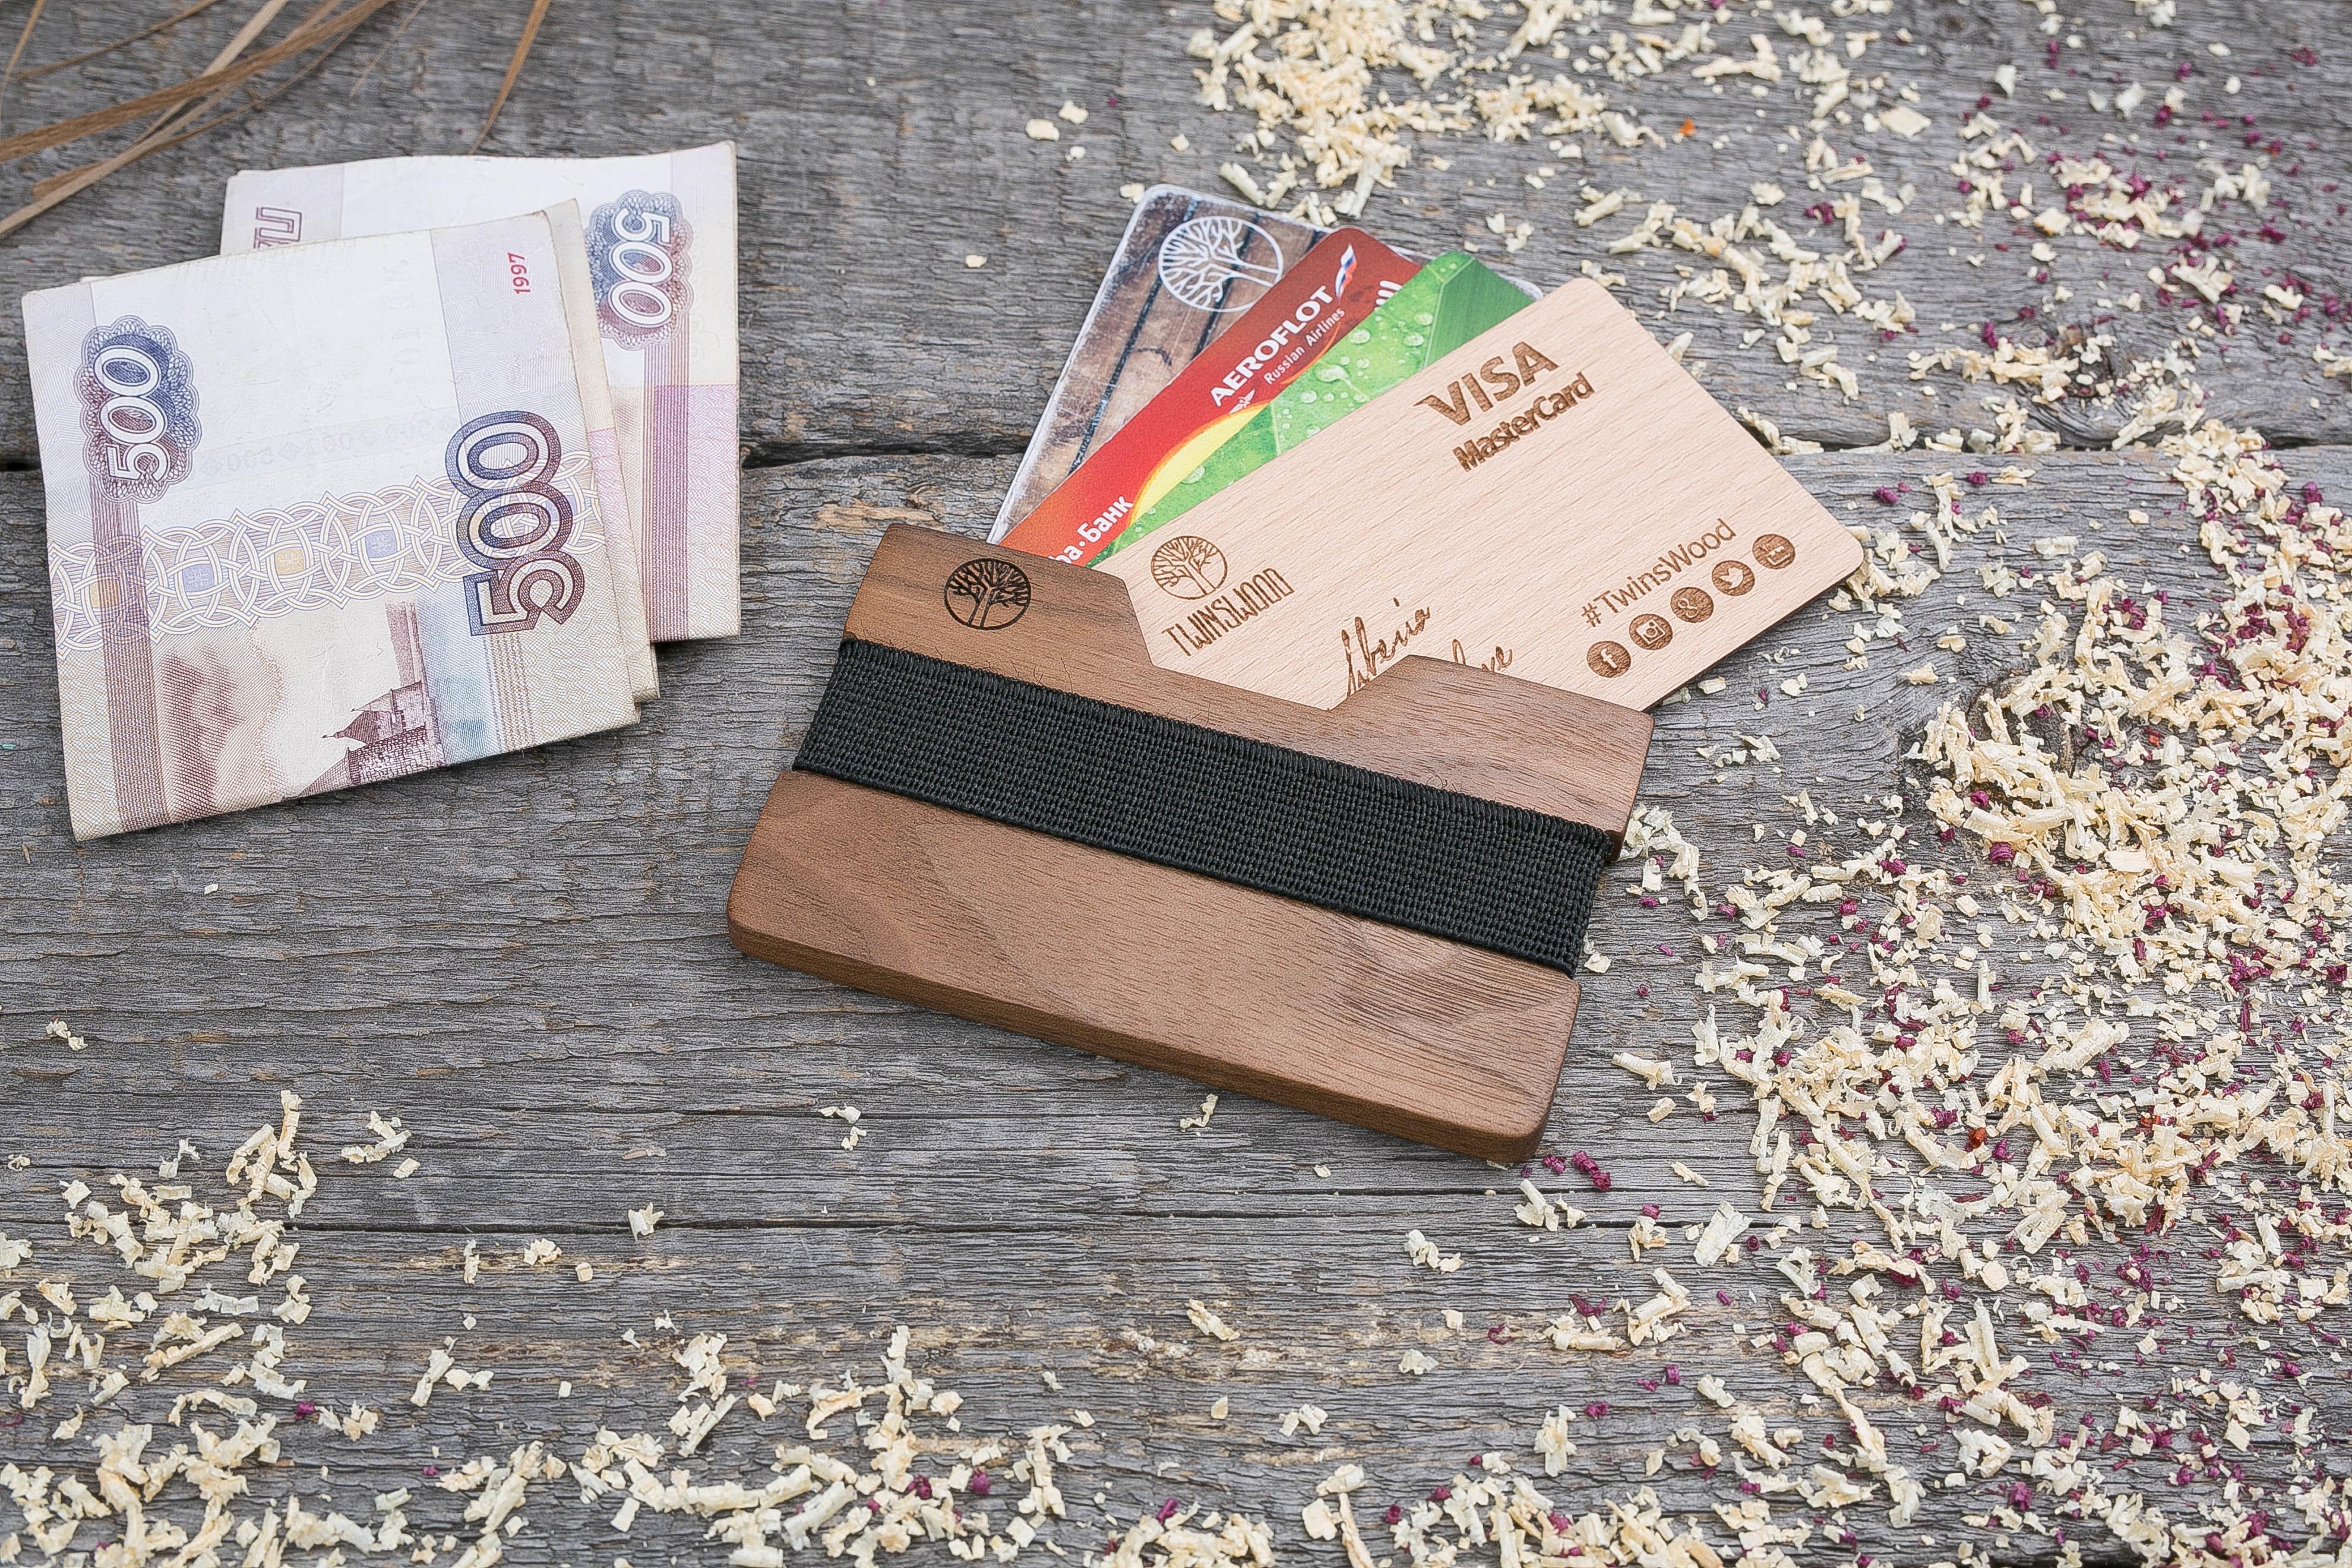 Деревянный кошелек  из ореха. Горизонтальная загрузка. Для 1-6 пластиковых карт и купюр. Поддержка Apple Pay. Гравировка имени или логотипа. Бизнес сувенир. Подарок другу. Именной кошелек